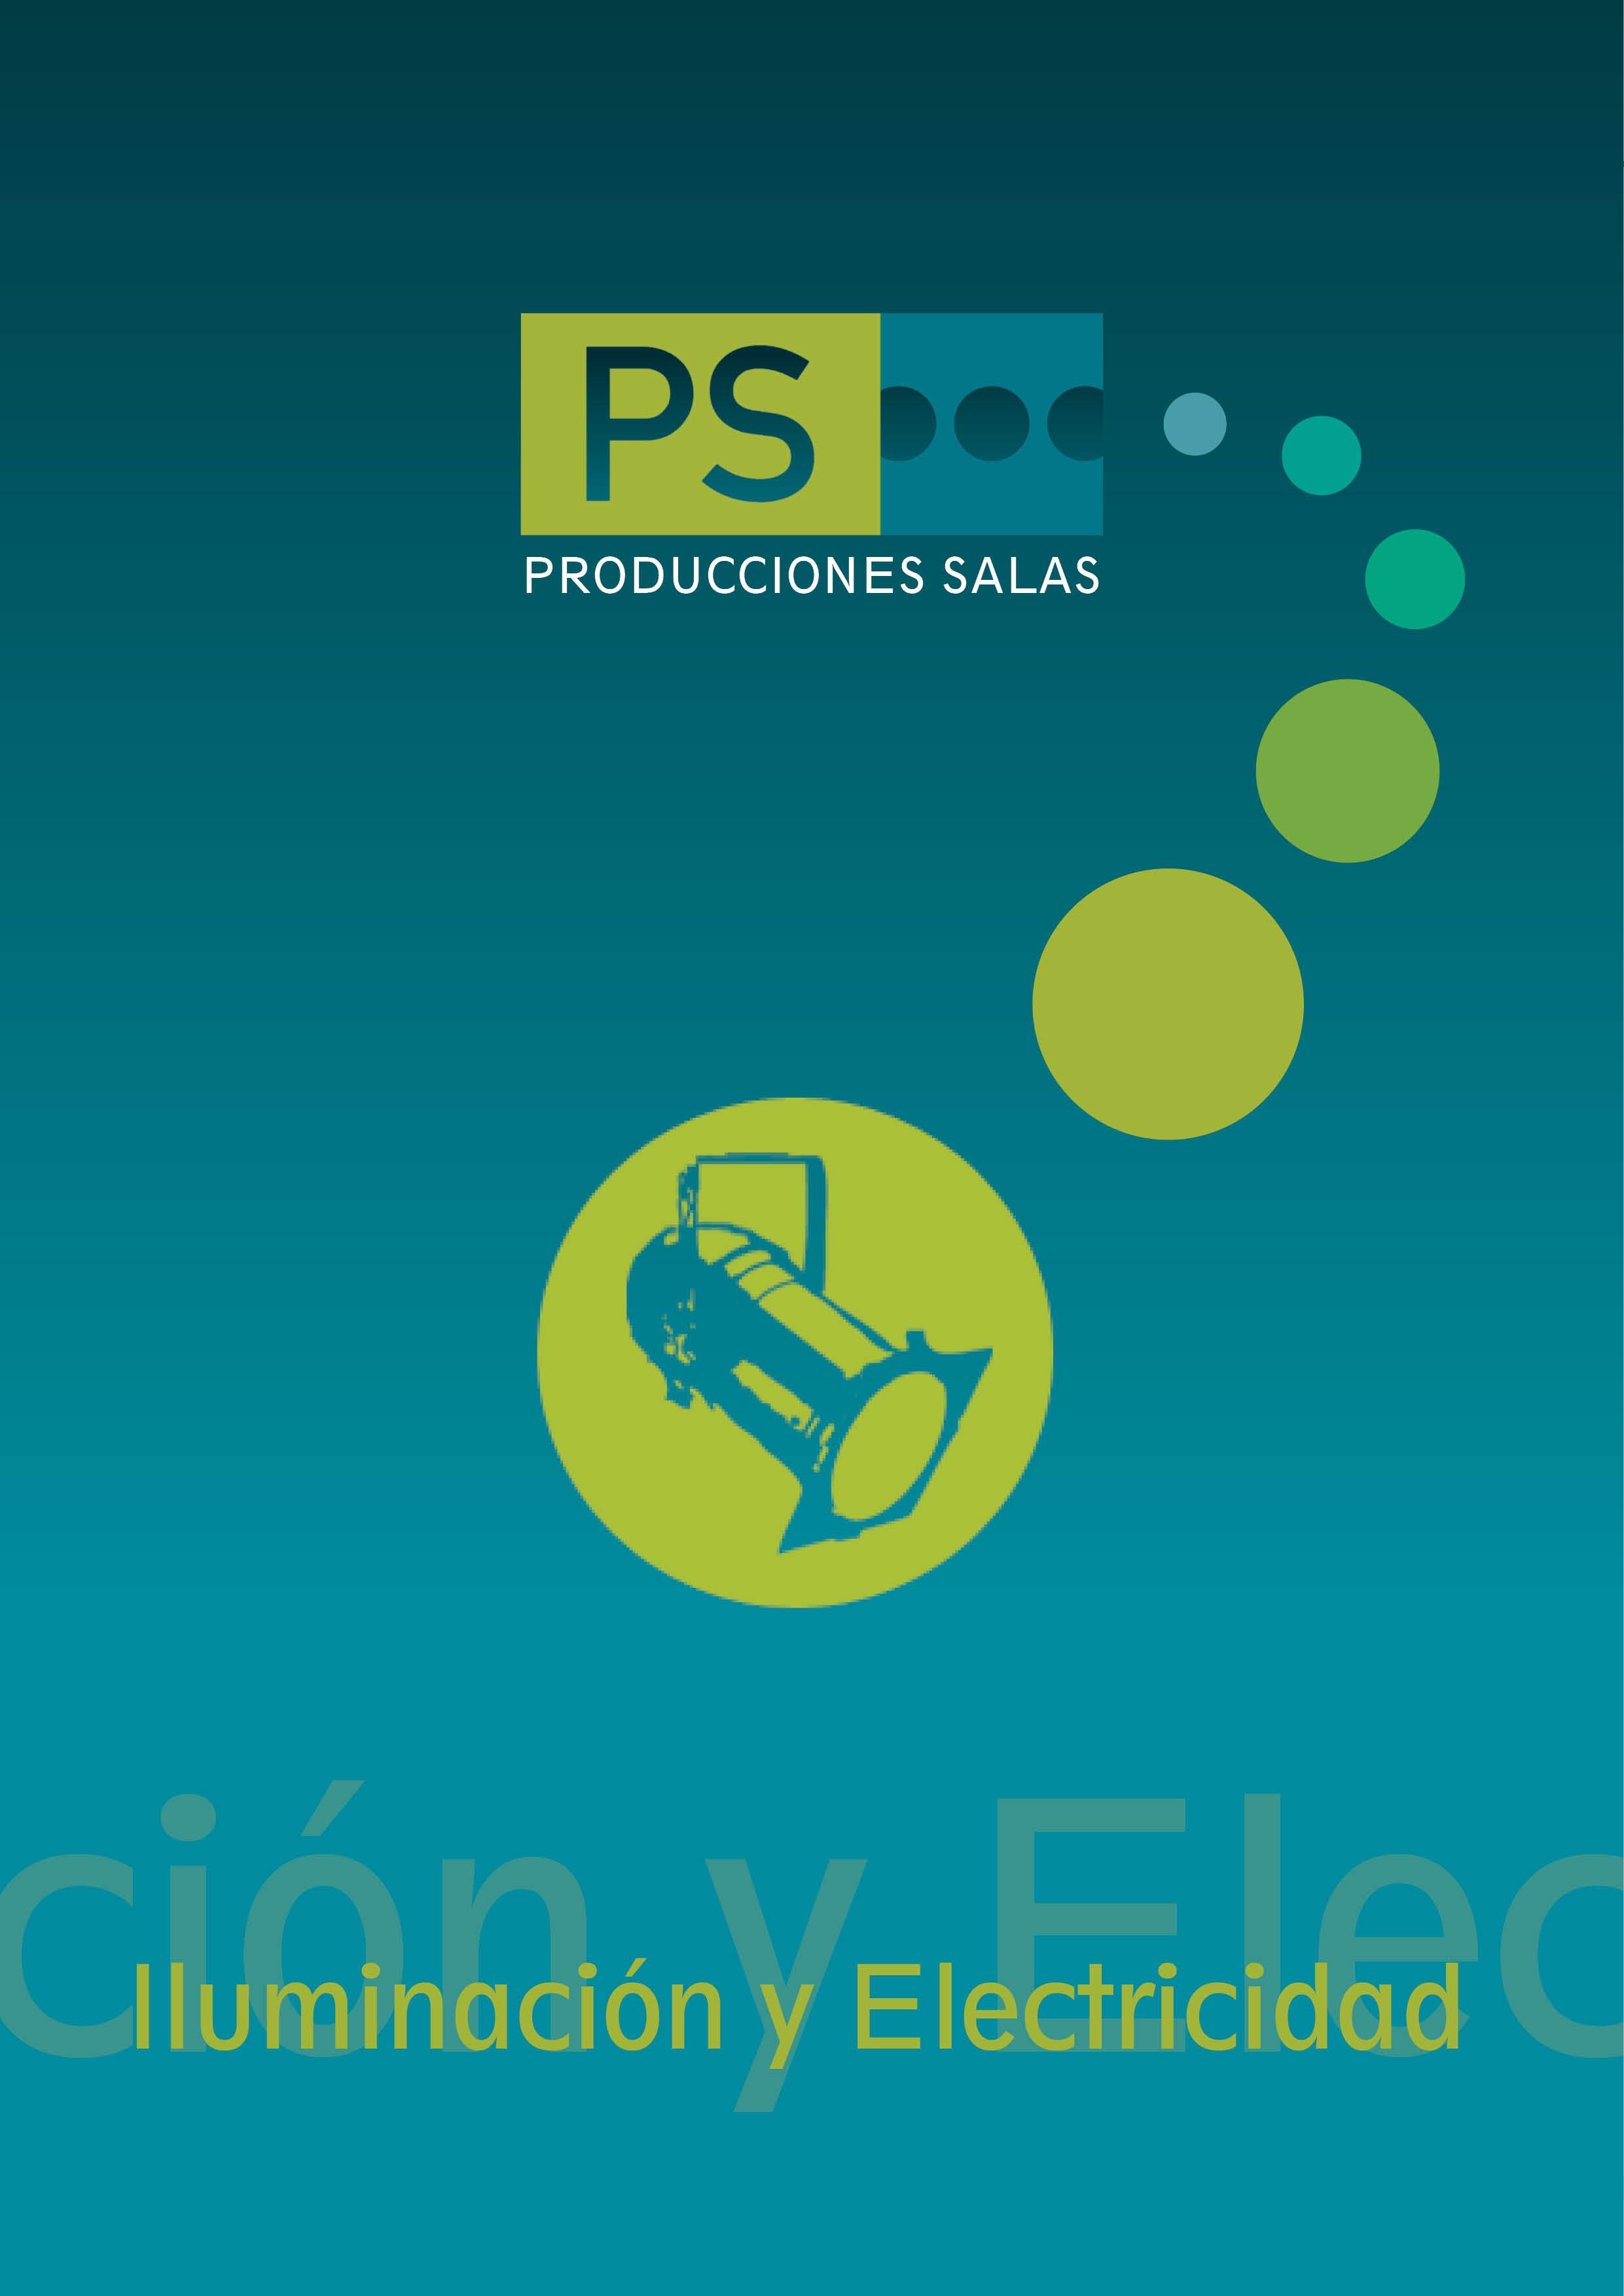 catalogo-iluminacion-producciones-salas2